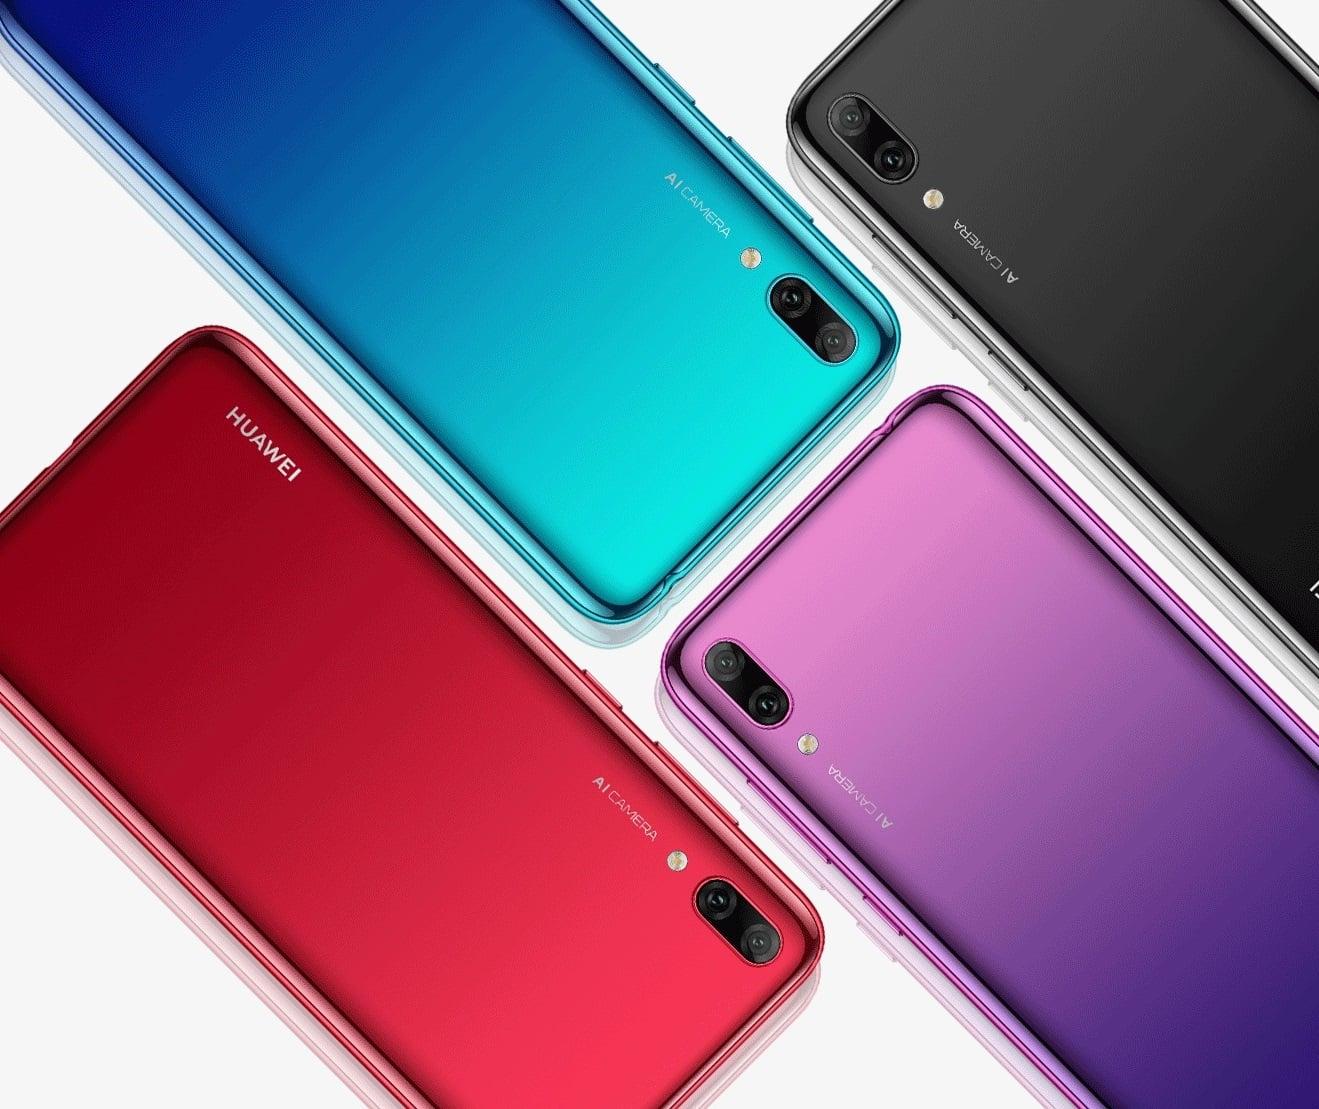 Budżetowy Huawei Enjoy 9 oficjalnie. Do Europy trafi jako Huawei Y7 Prime 2019 18